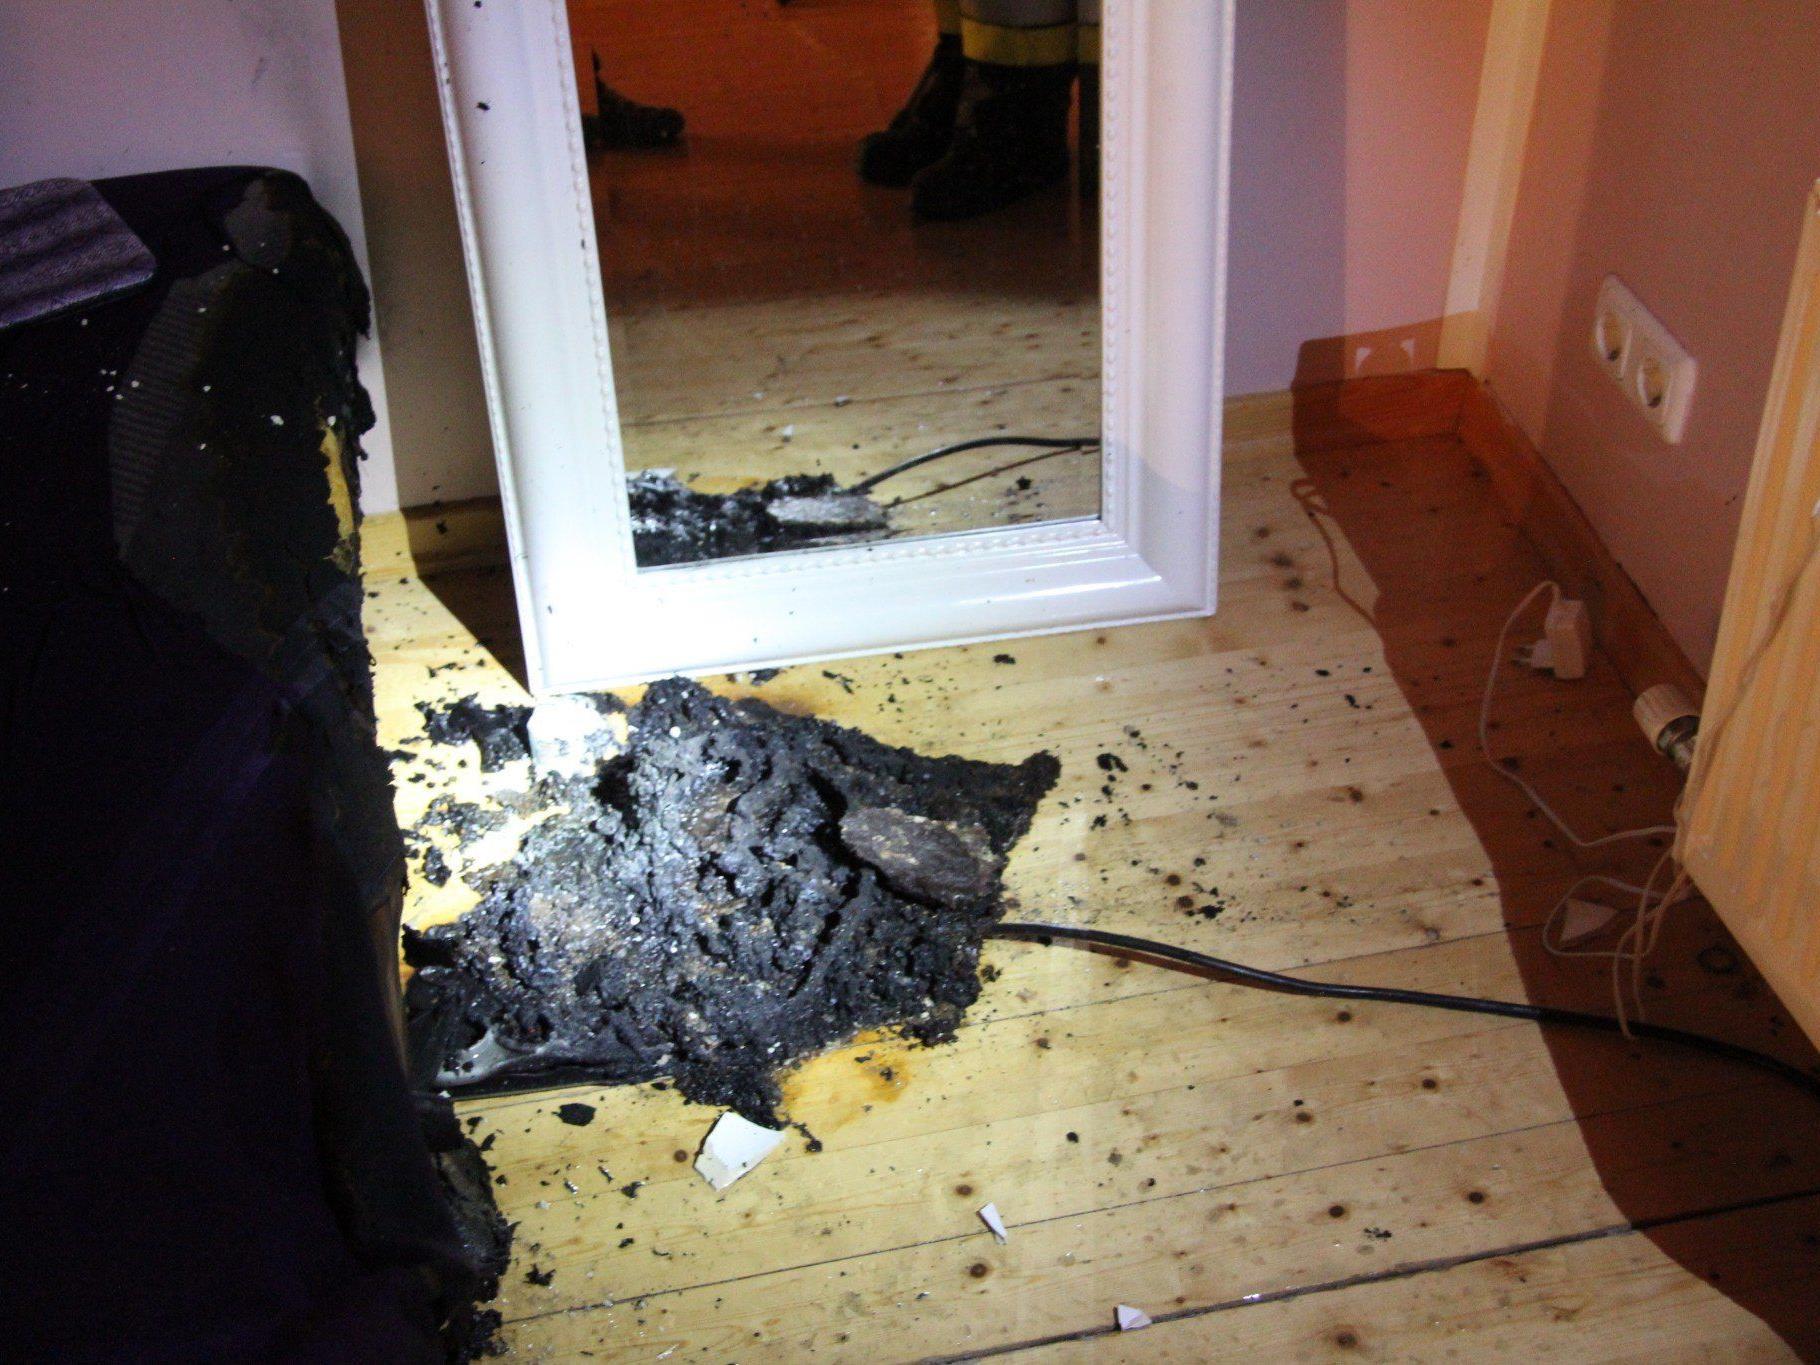 Der 18-jährige Bursch konnte den Brand löschen noch bevor die Feuerwehr eintraf.